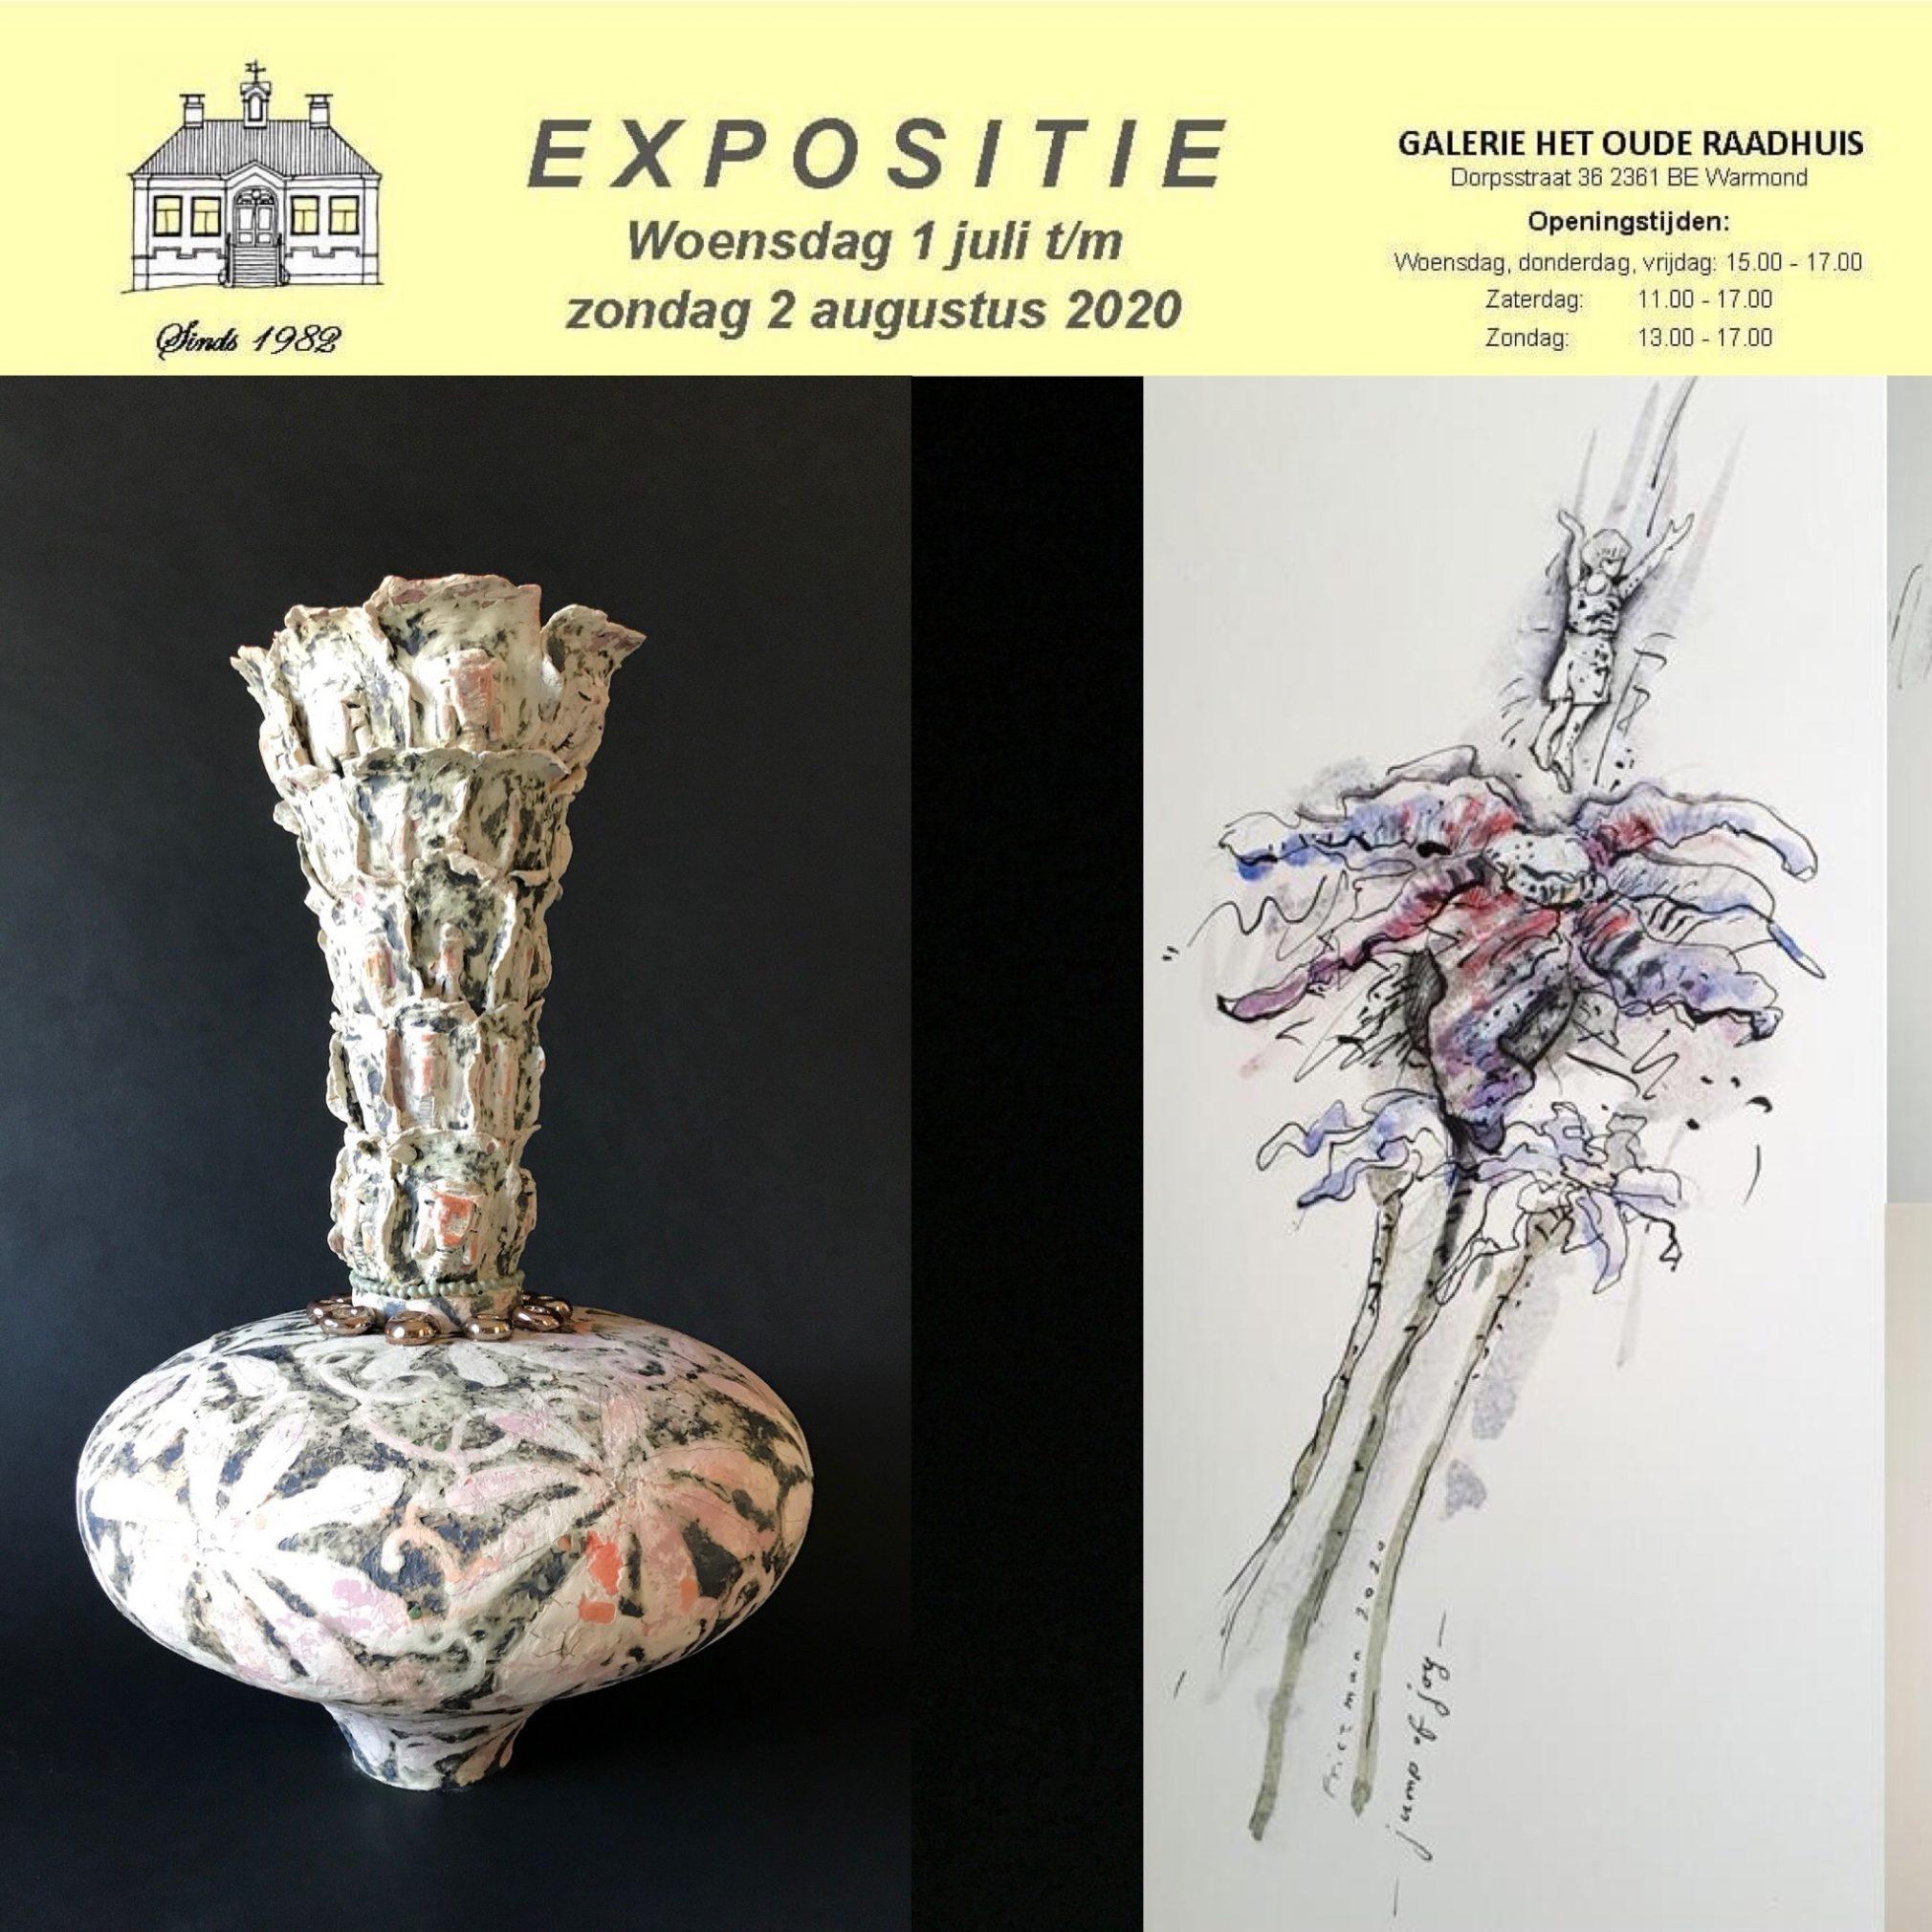 Expositie Warmond – Galerie Het Oude Raadhuis